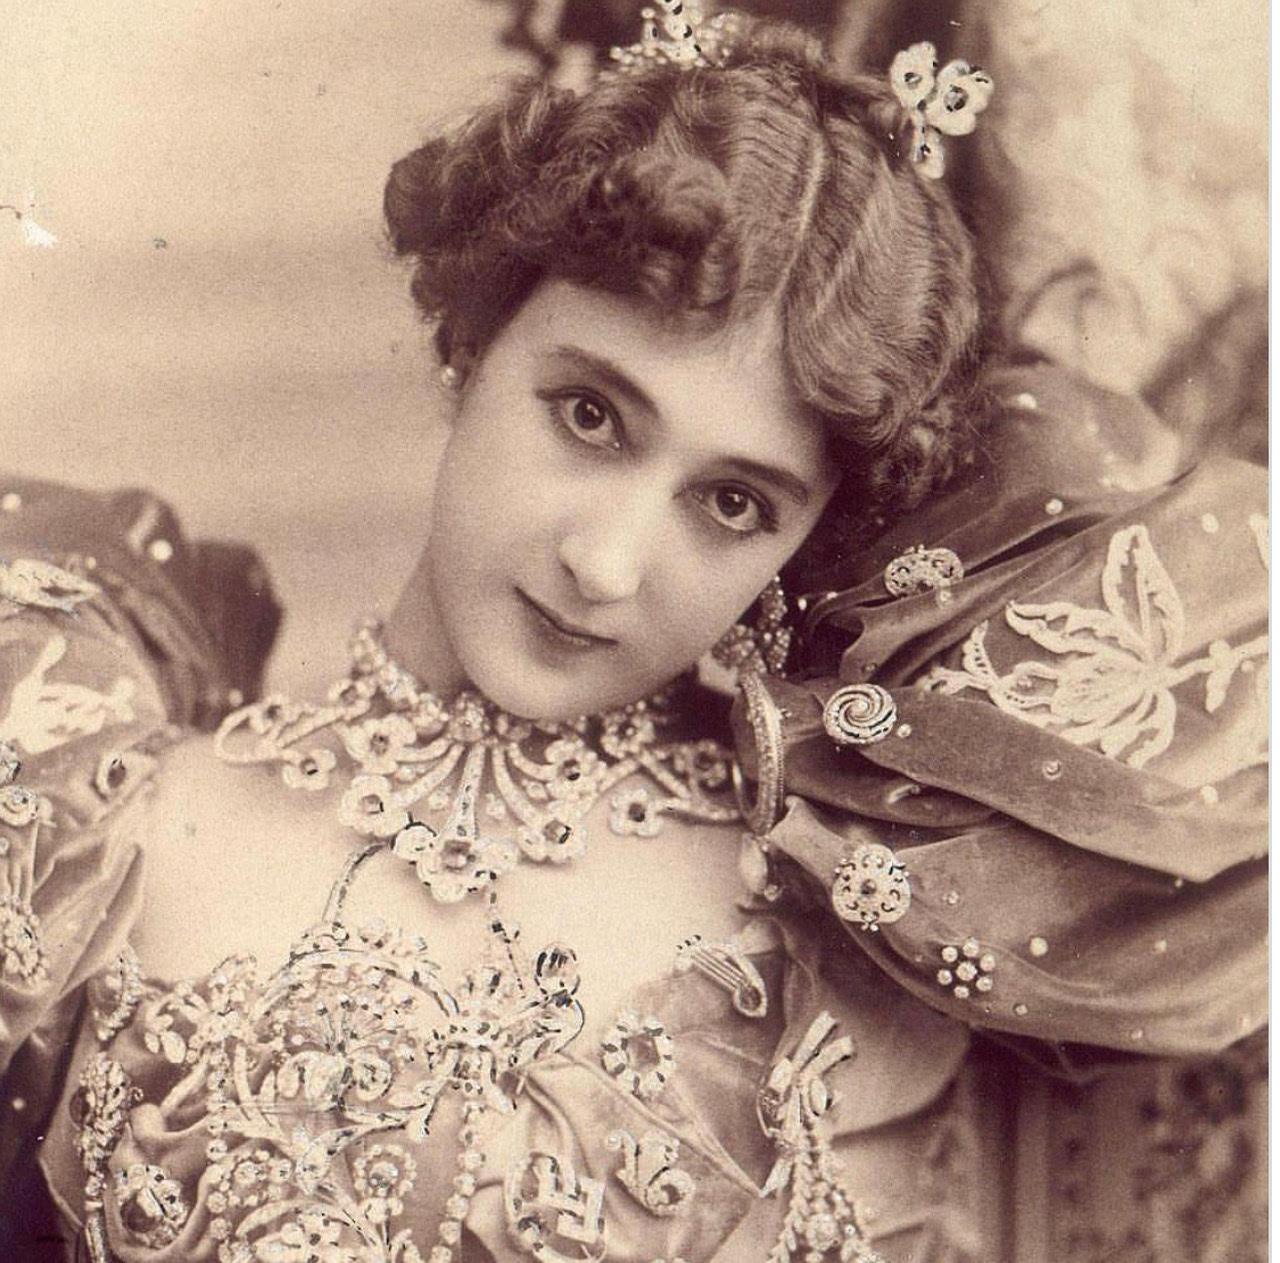 https: img.okezone.com content 2018 09 19 194 1952615 sempat-eksis-100-tahun-yang-lalu-8-perempuan-ini-kecantikannya-tidak-bisa-ditandingi-VWF4sUDujU.jpg